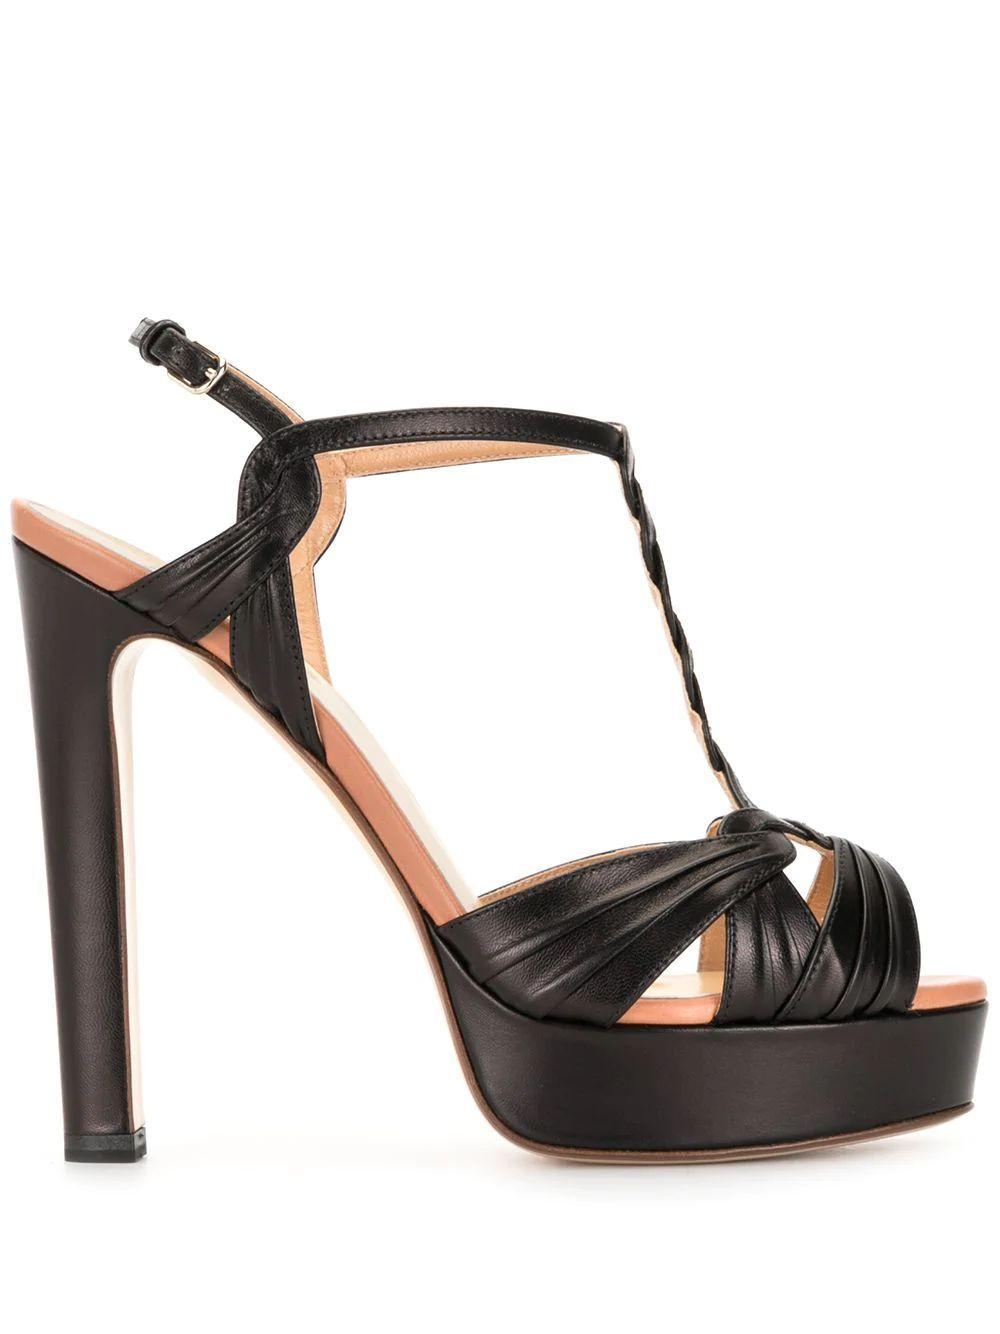 105mm Platform Sandal